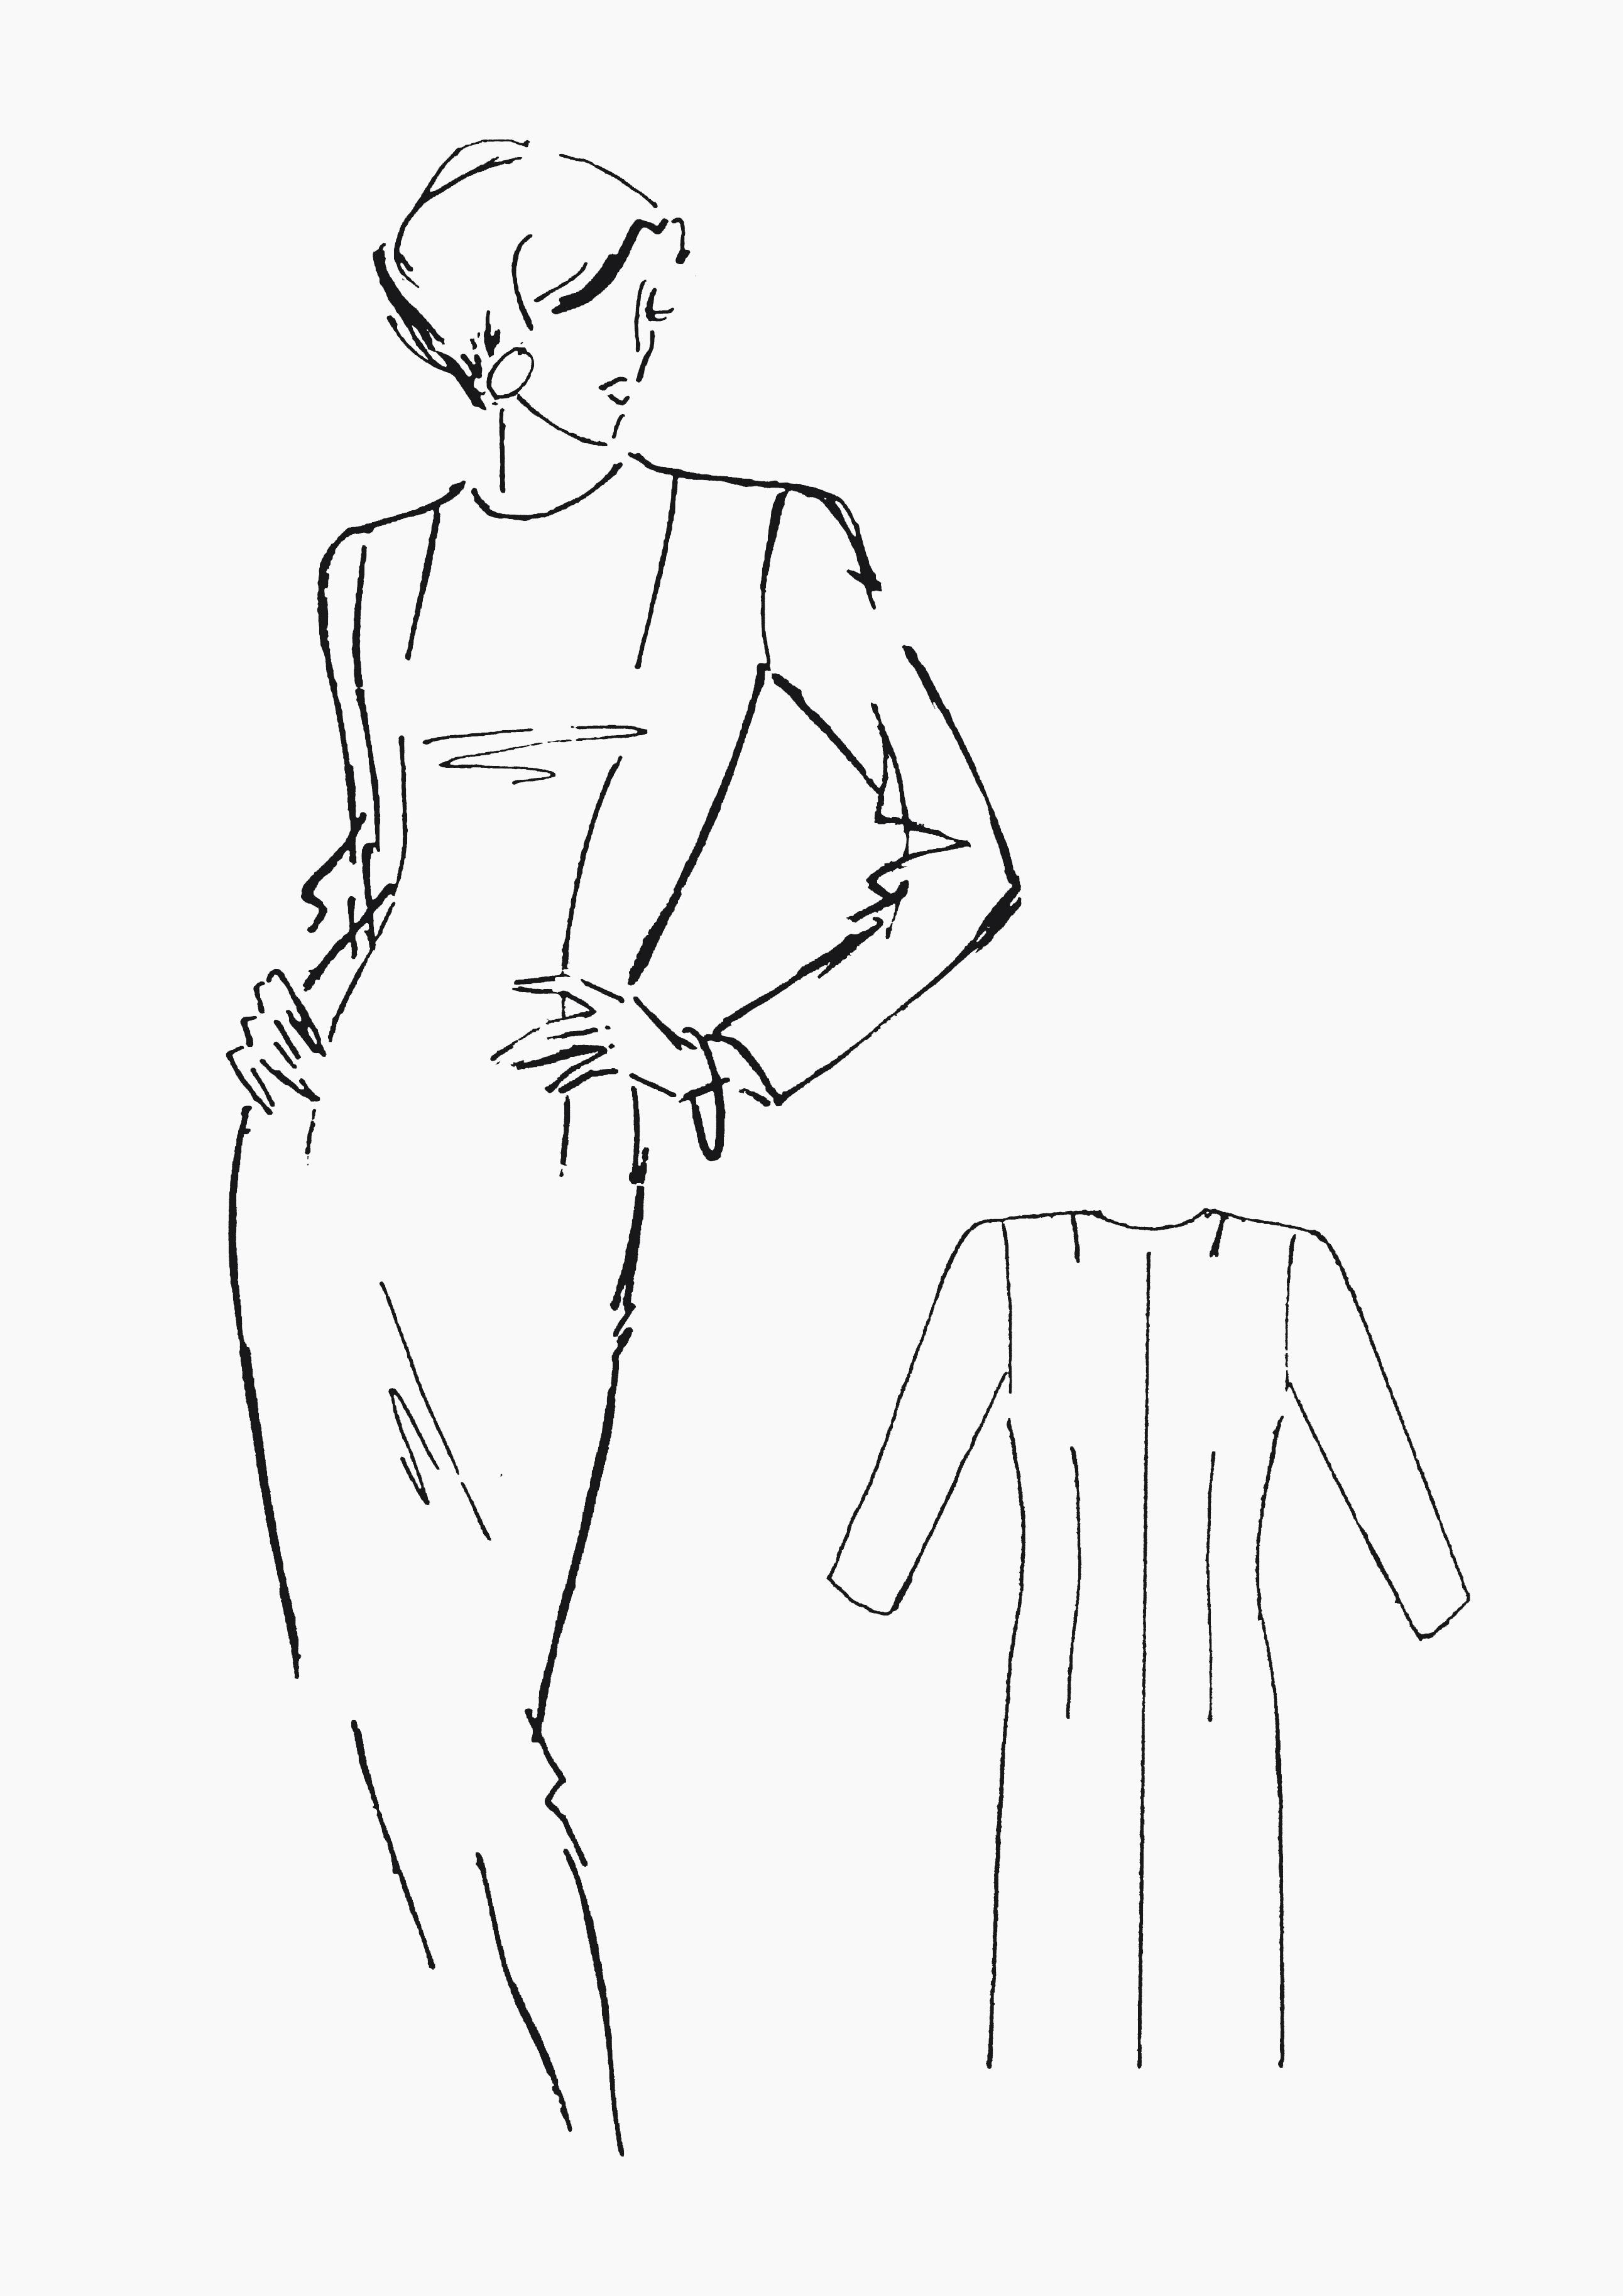 Produkt: Schnitt-Technik Grundschnitt Kleid